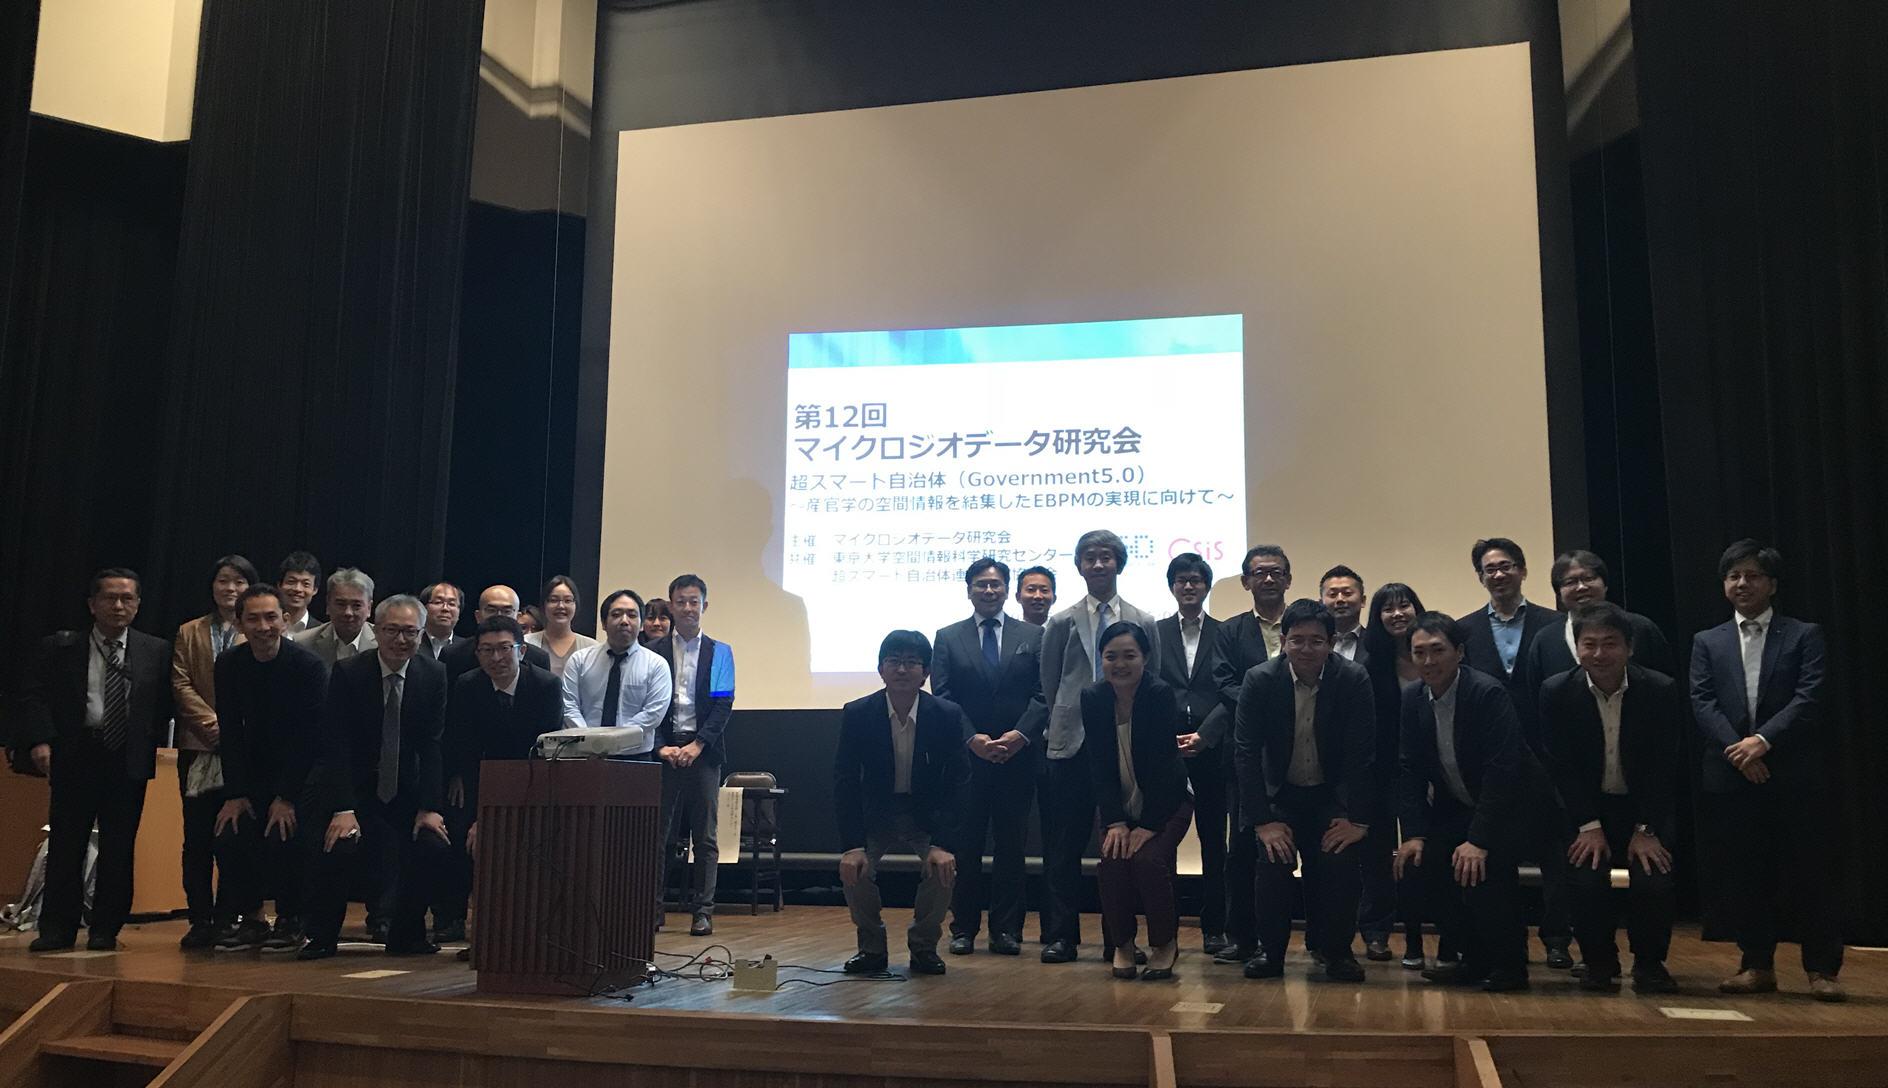 第12回マイクロジオデータ研究会